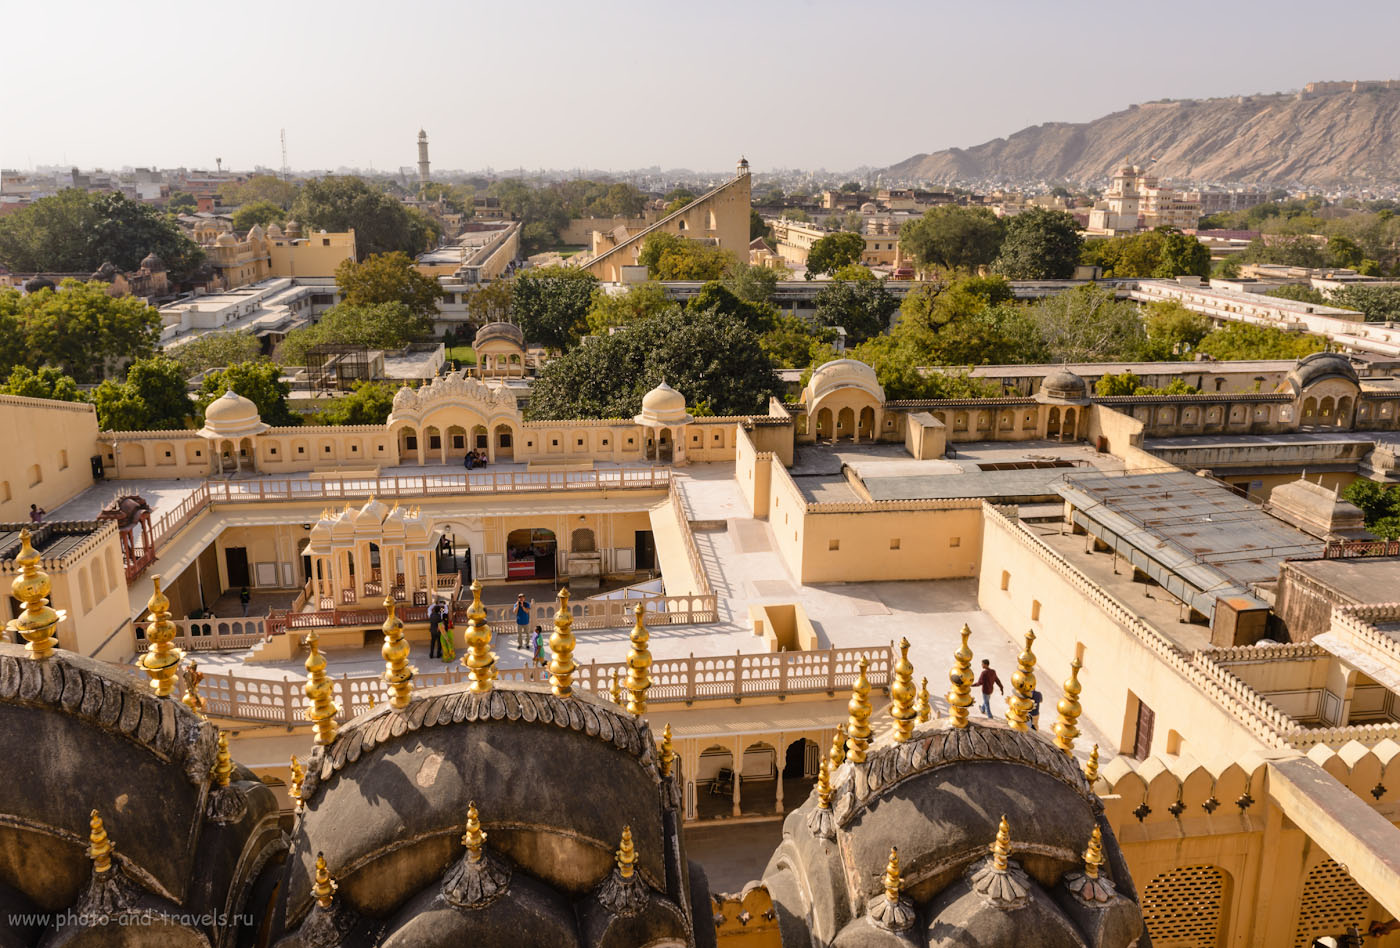 Фото 14. Вид на внутренний дворик Хава-Махал и на обсерваторию Джантар-Мантар. Отзывы о поездке в Джайпур. 1/200, -0.67, 9.0, 100, 24.